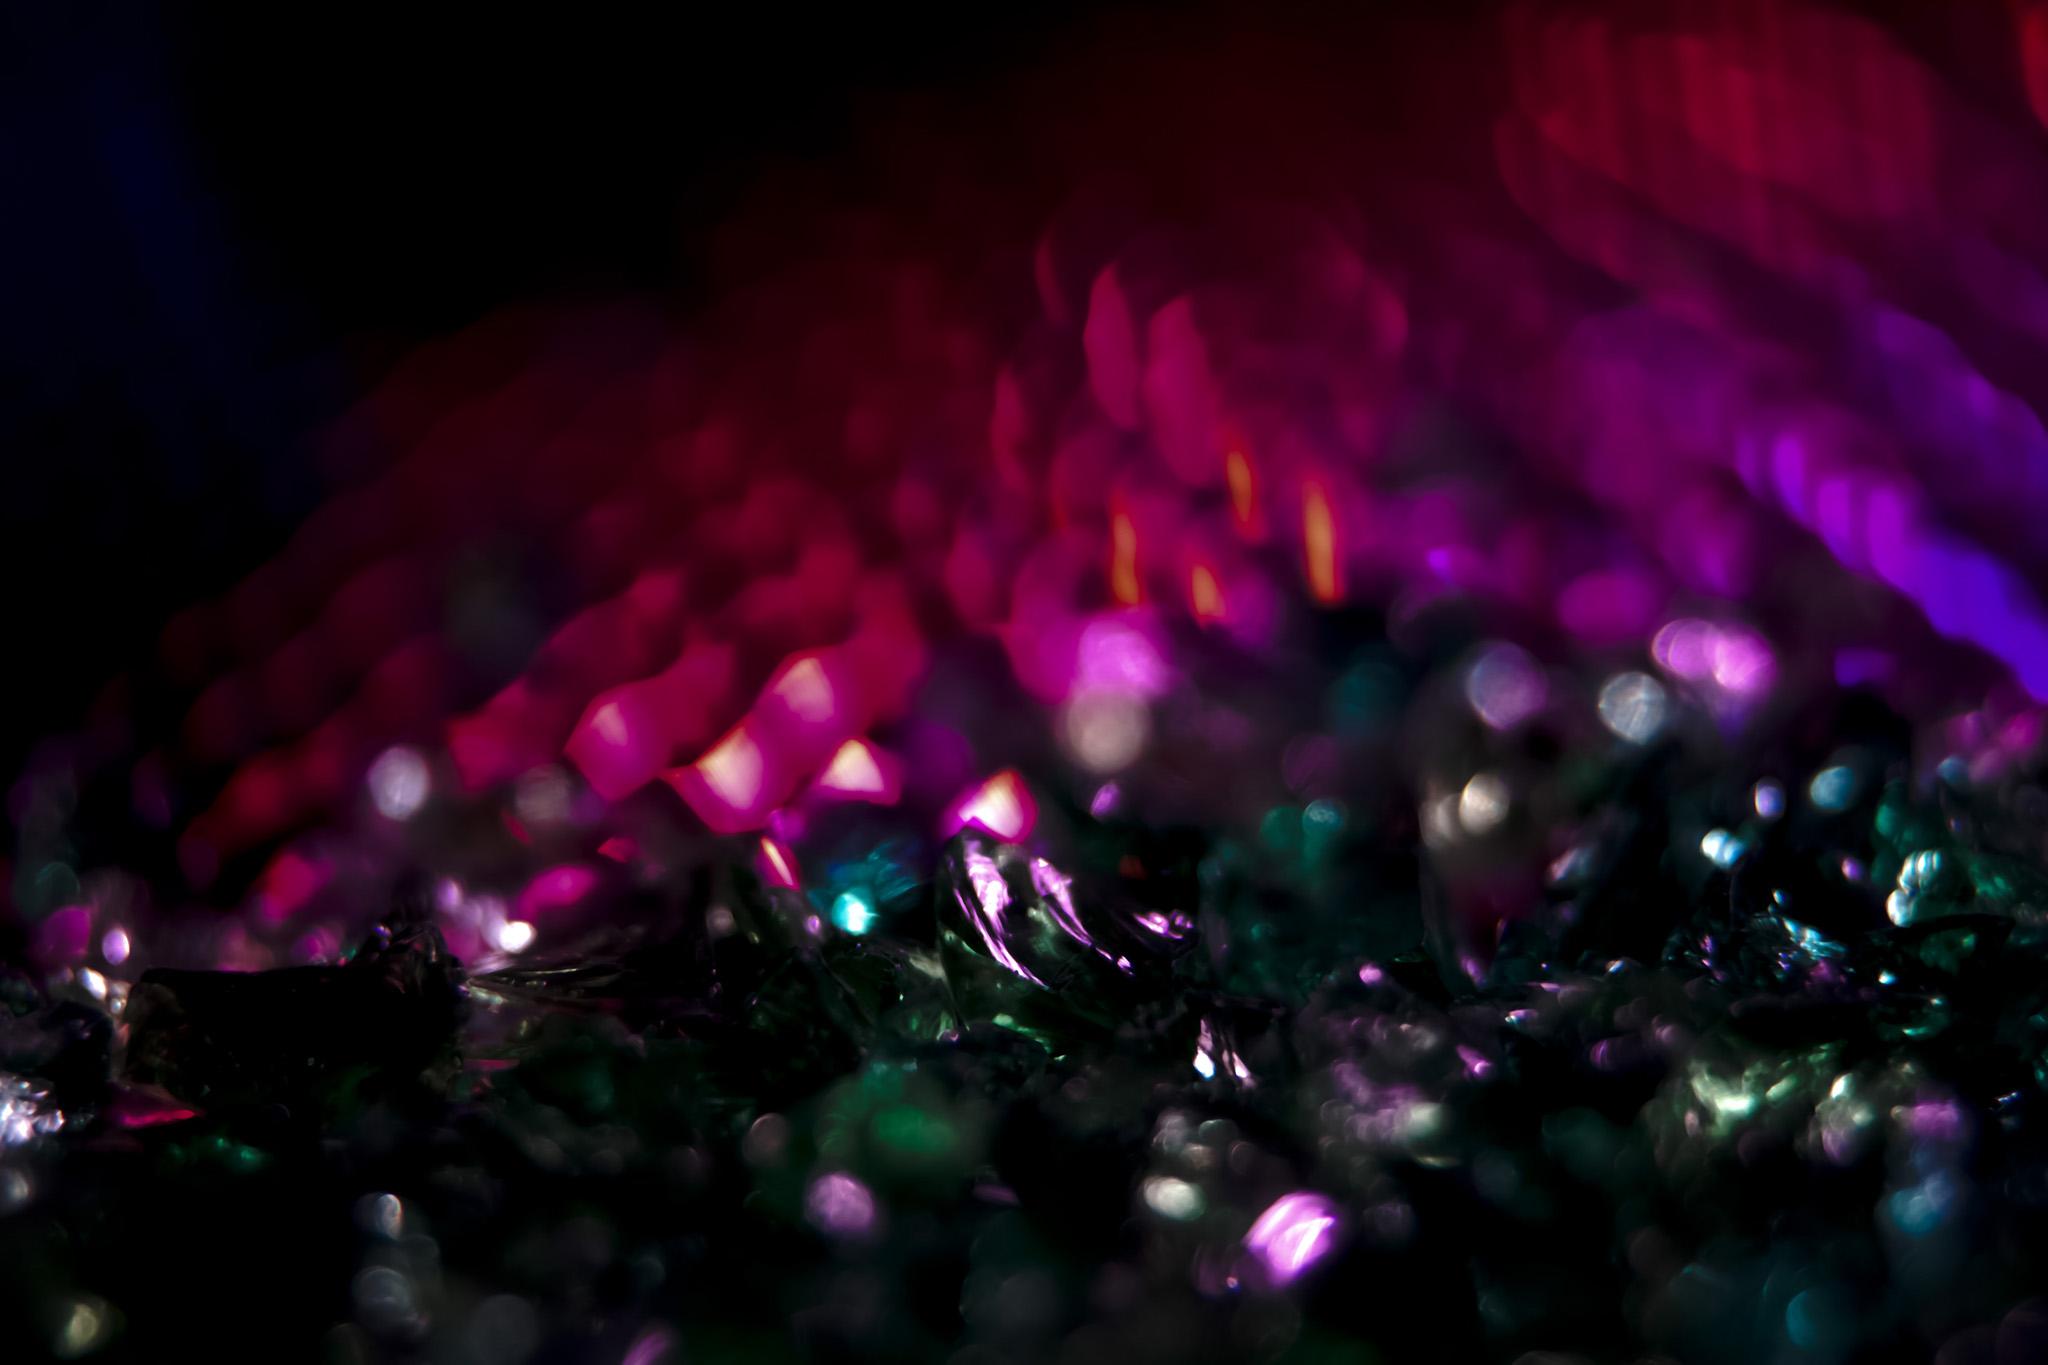 「ピンクと緑のキラキラ」